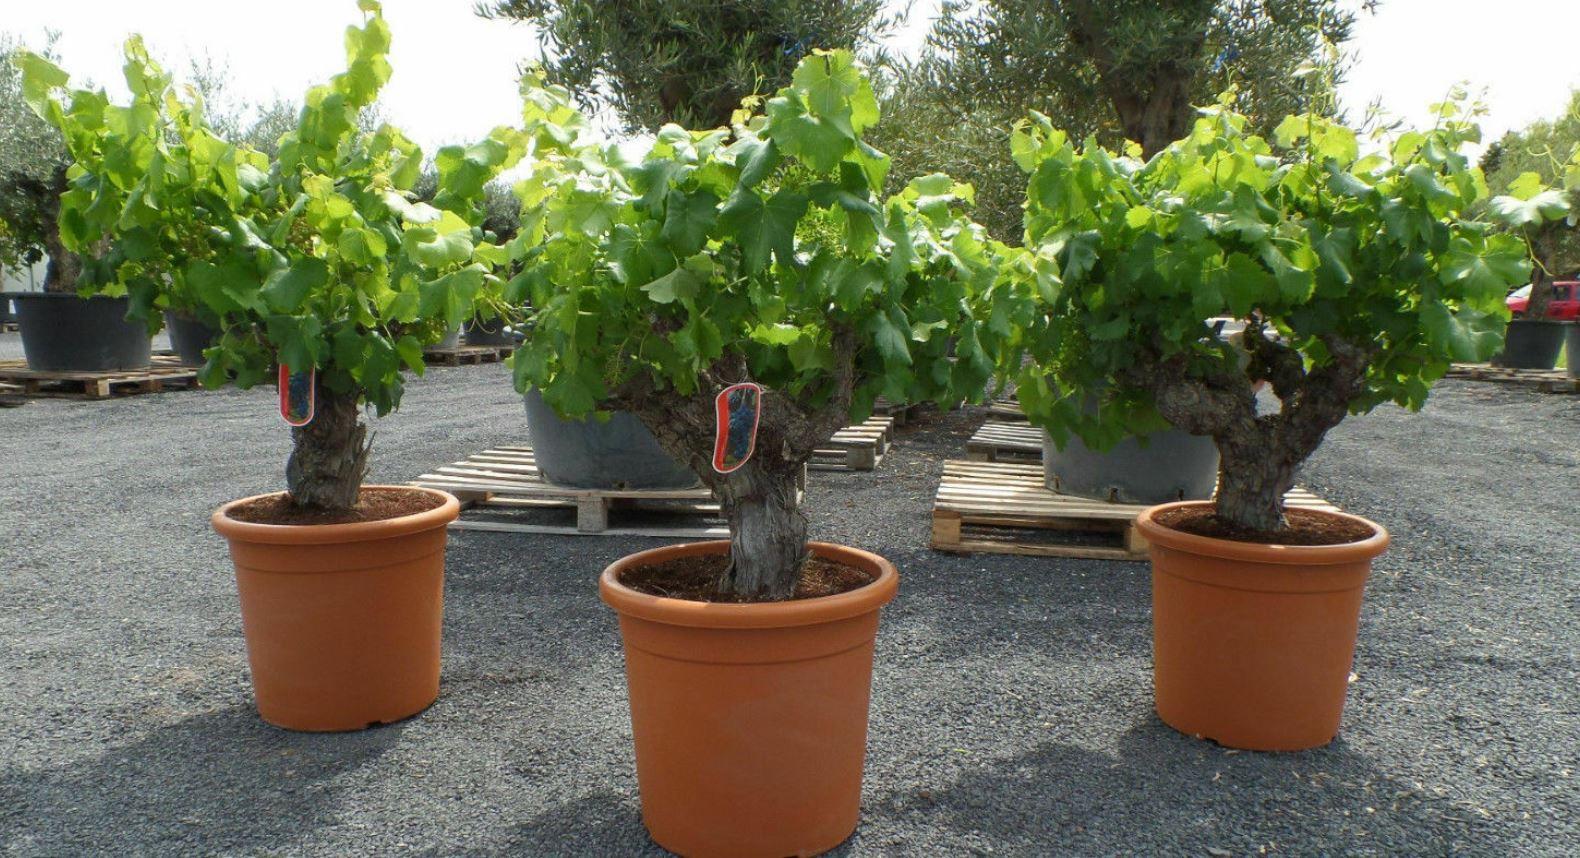 Tempranillo 30 Jahre alter Weinstock Vitis Vinifera im Deko Topf für 79,90€ (statt 100€)